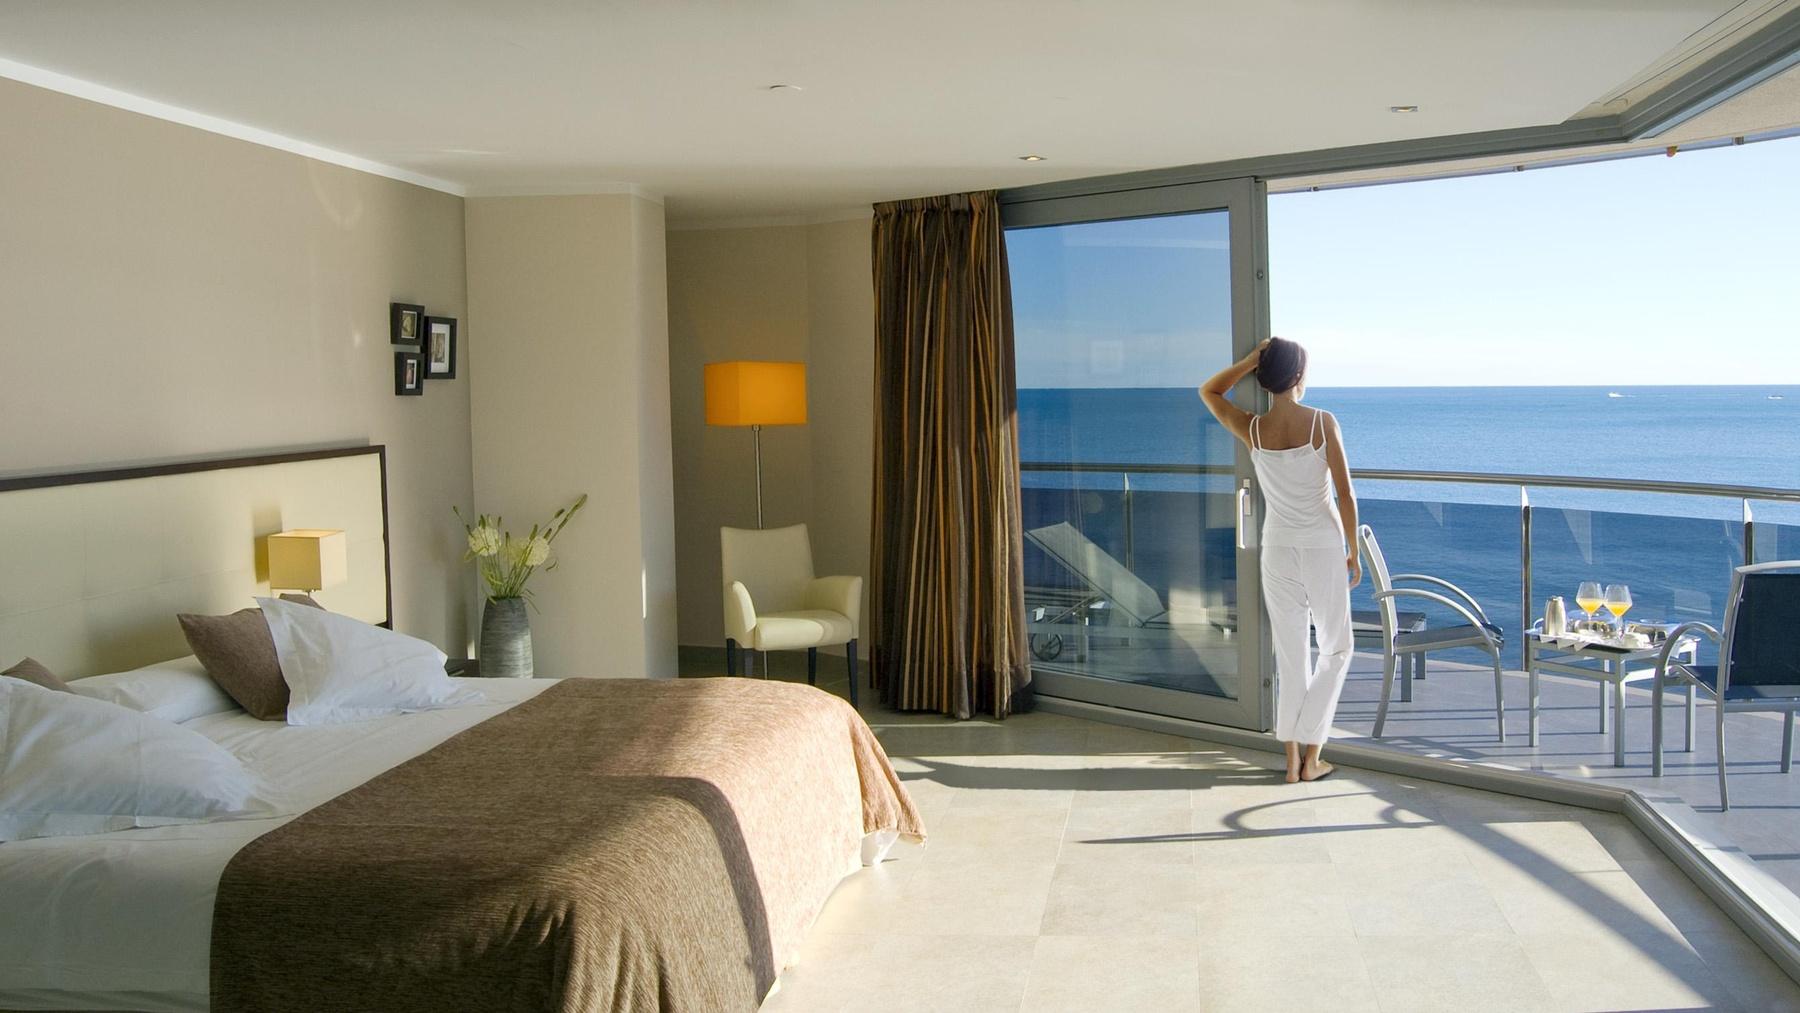 Отель солимар в испании кальпе